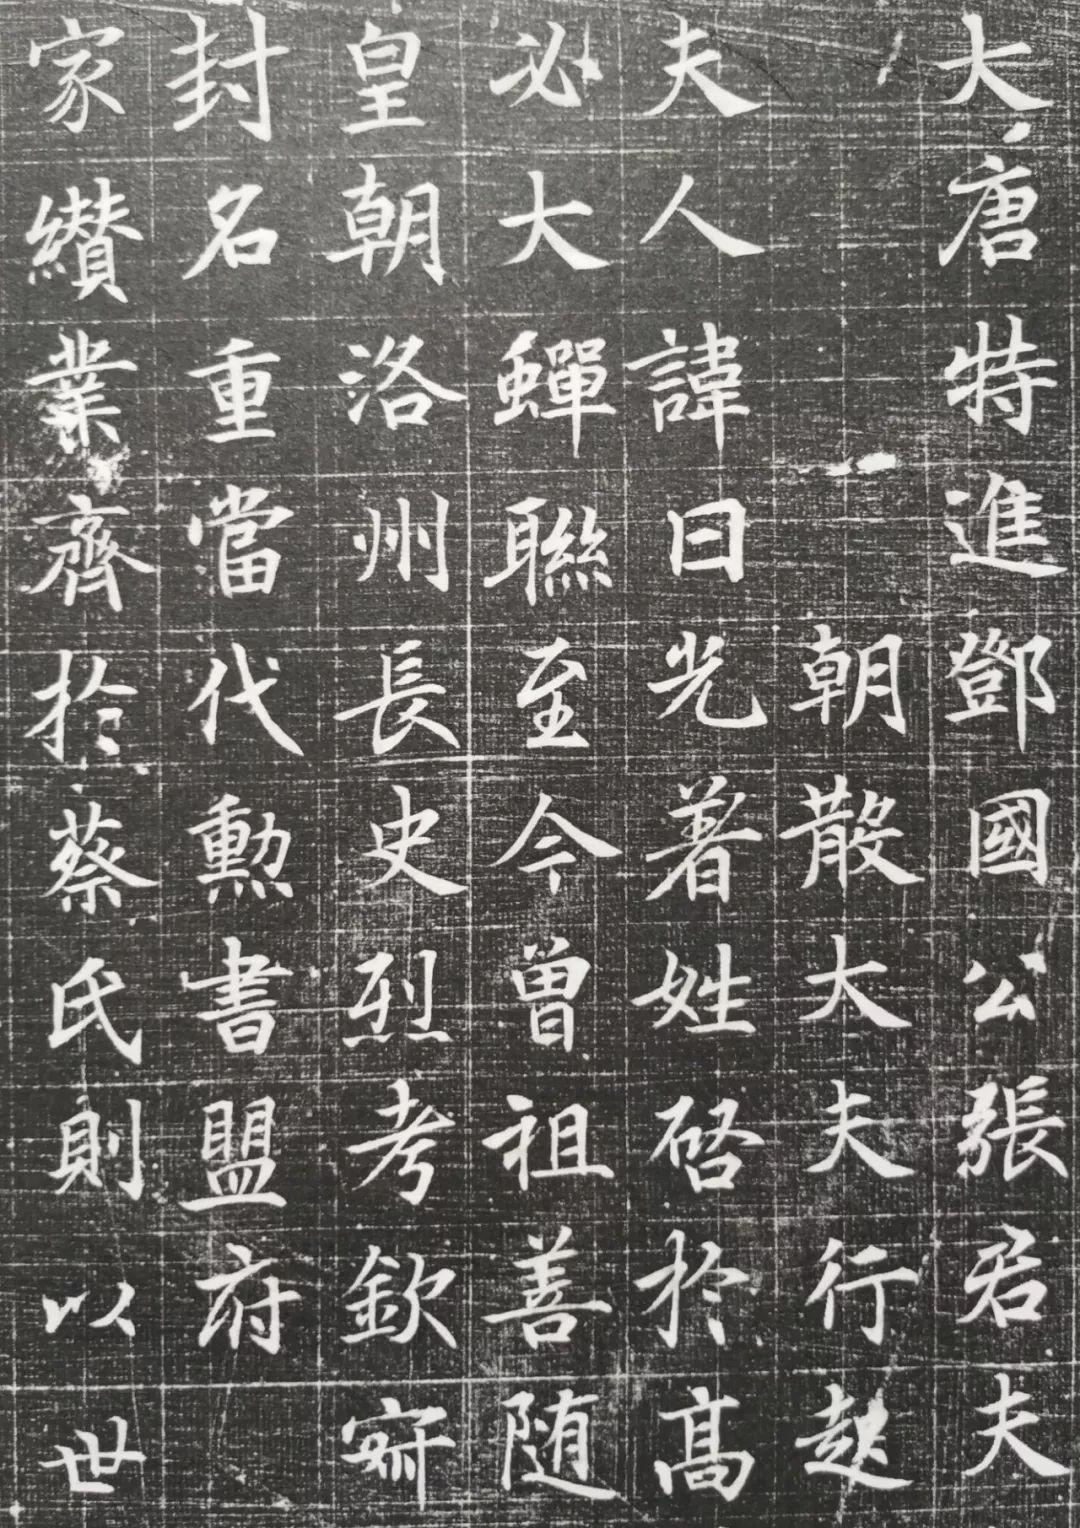 张暐,两《唐书》有传,中宗景龙年间壮年出仕,任铜鞮令,是唐玄宗的股肱